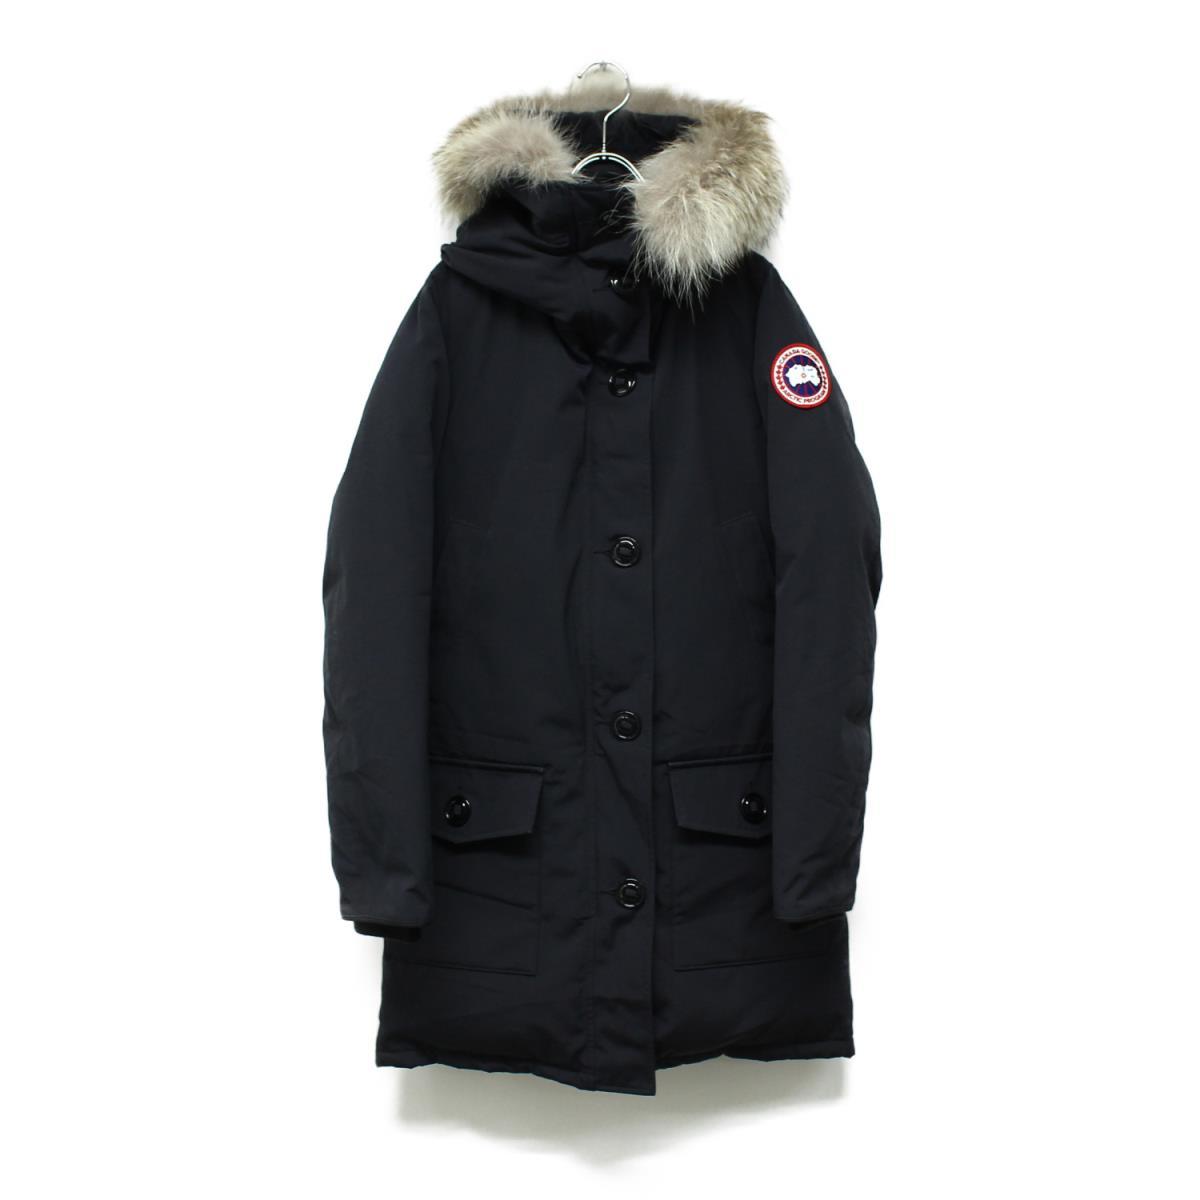 CANADA GOOSE カナダグース ブロンテ BRONTE PARKA フード ダウン コート ジャケット ネイビー S 【レディース】【中古】【K2624】